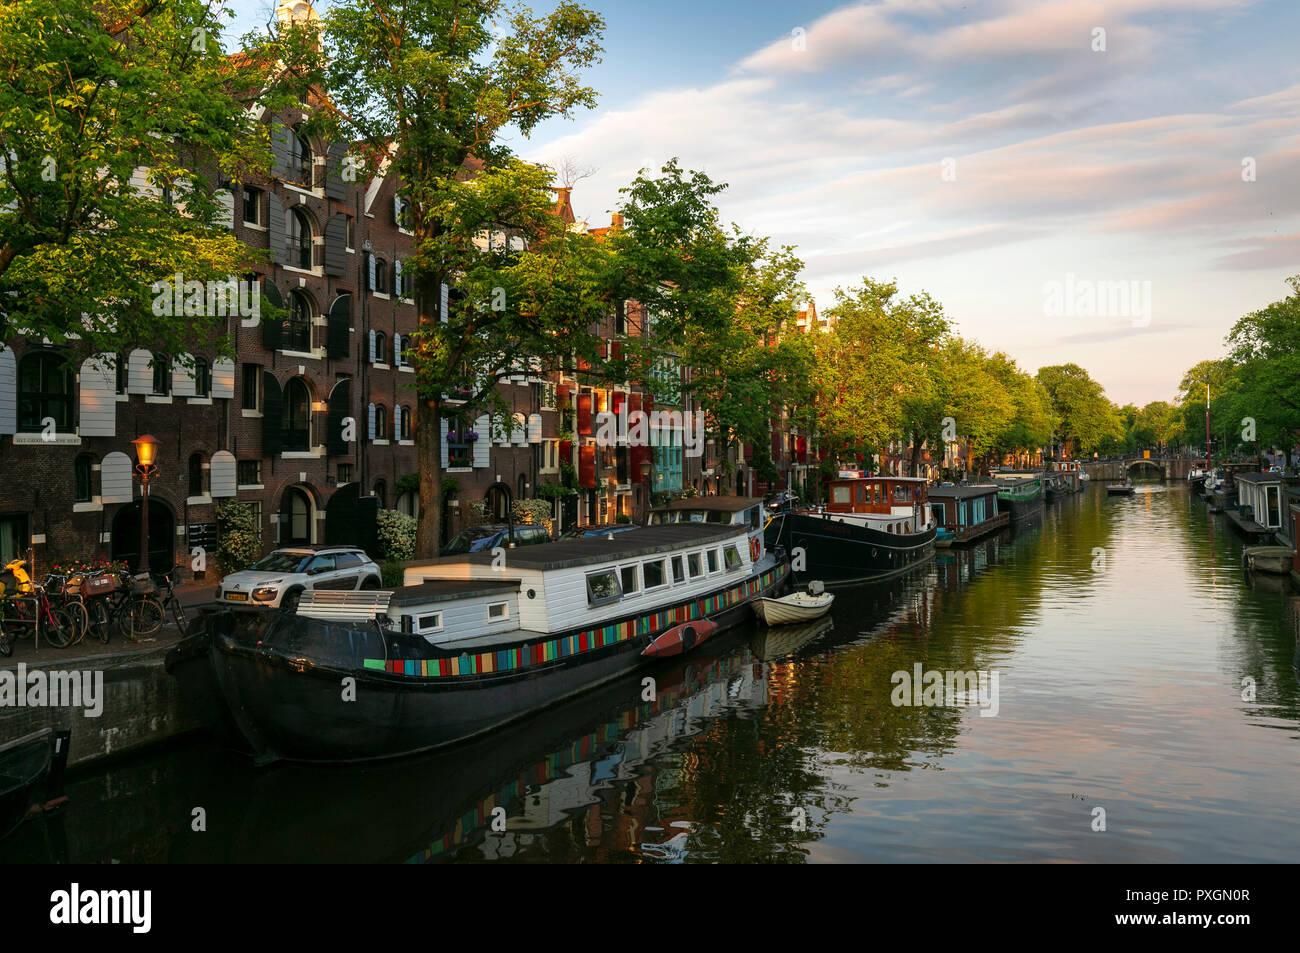 Spring scene in Amsterdam city - Stock Image